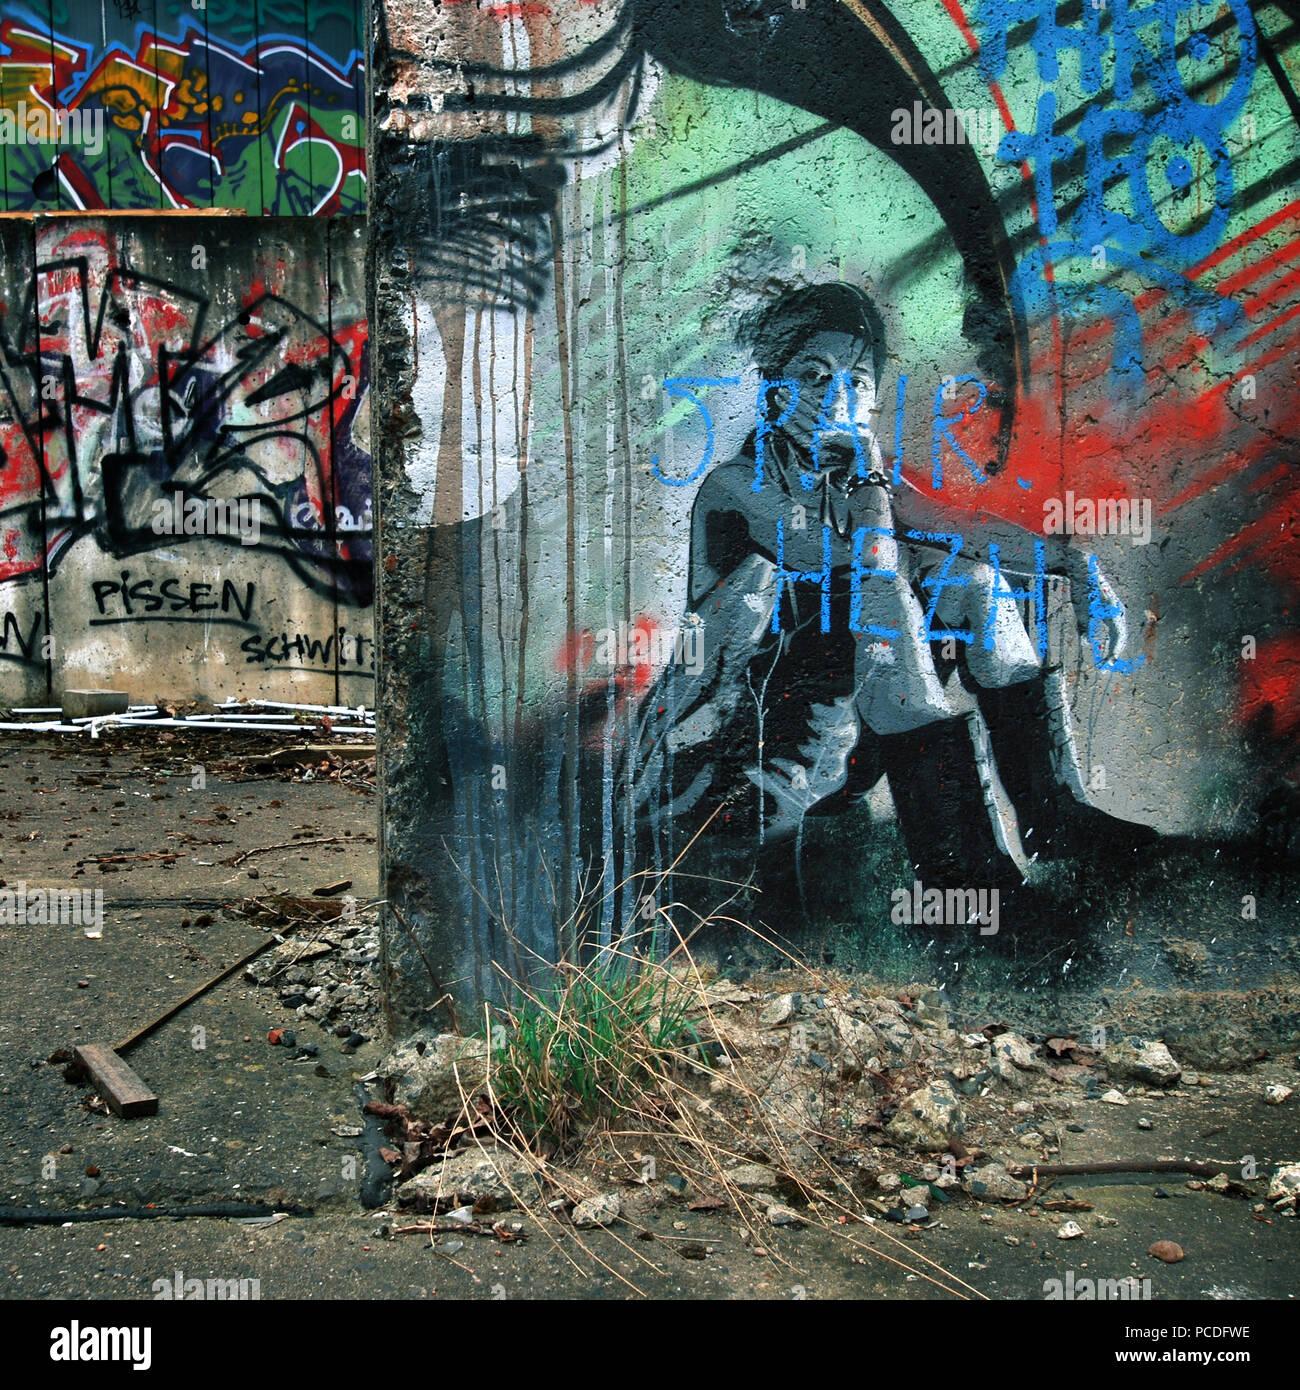 Graffiti,sottocultura,streetart Immagini Stock